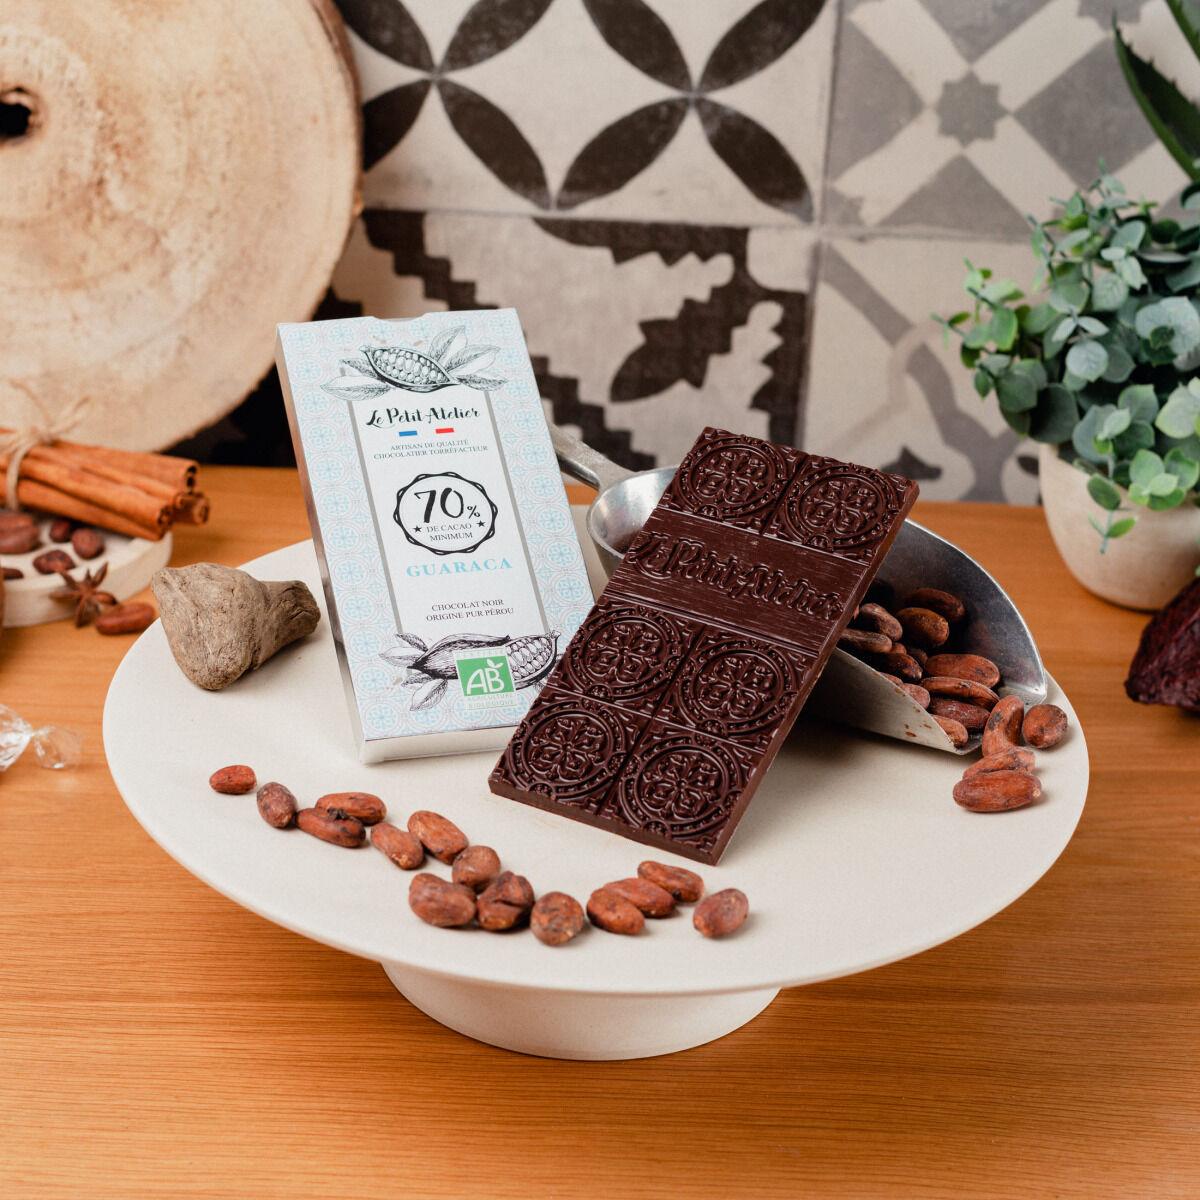 Le Petit Atelier Tablette De Chocolat Noir Bio 70% Guaraca